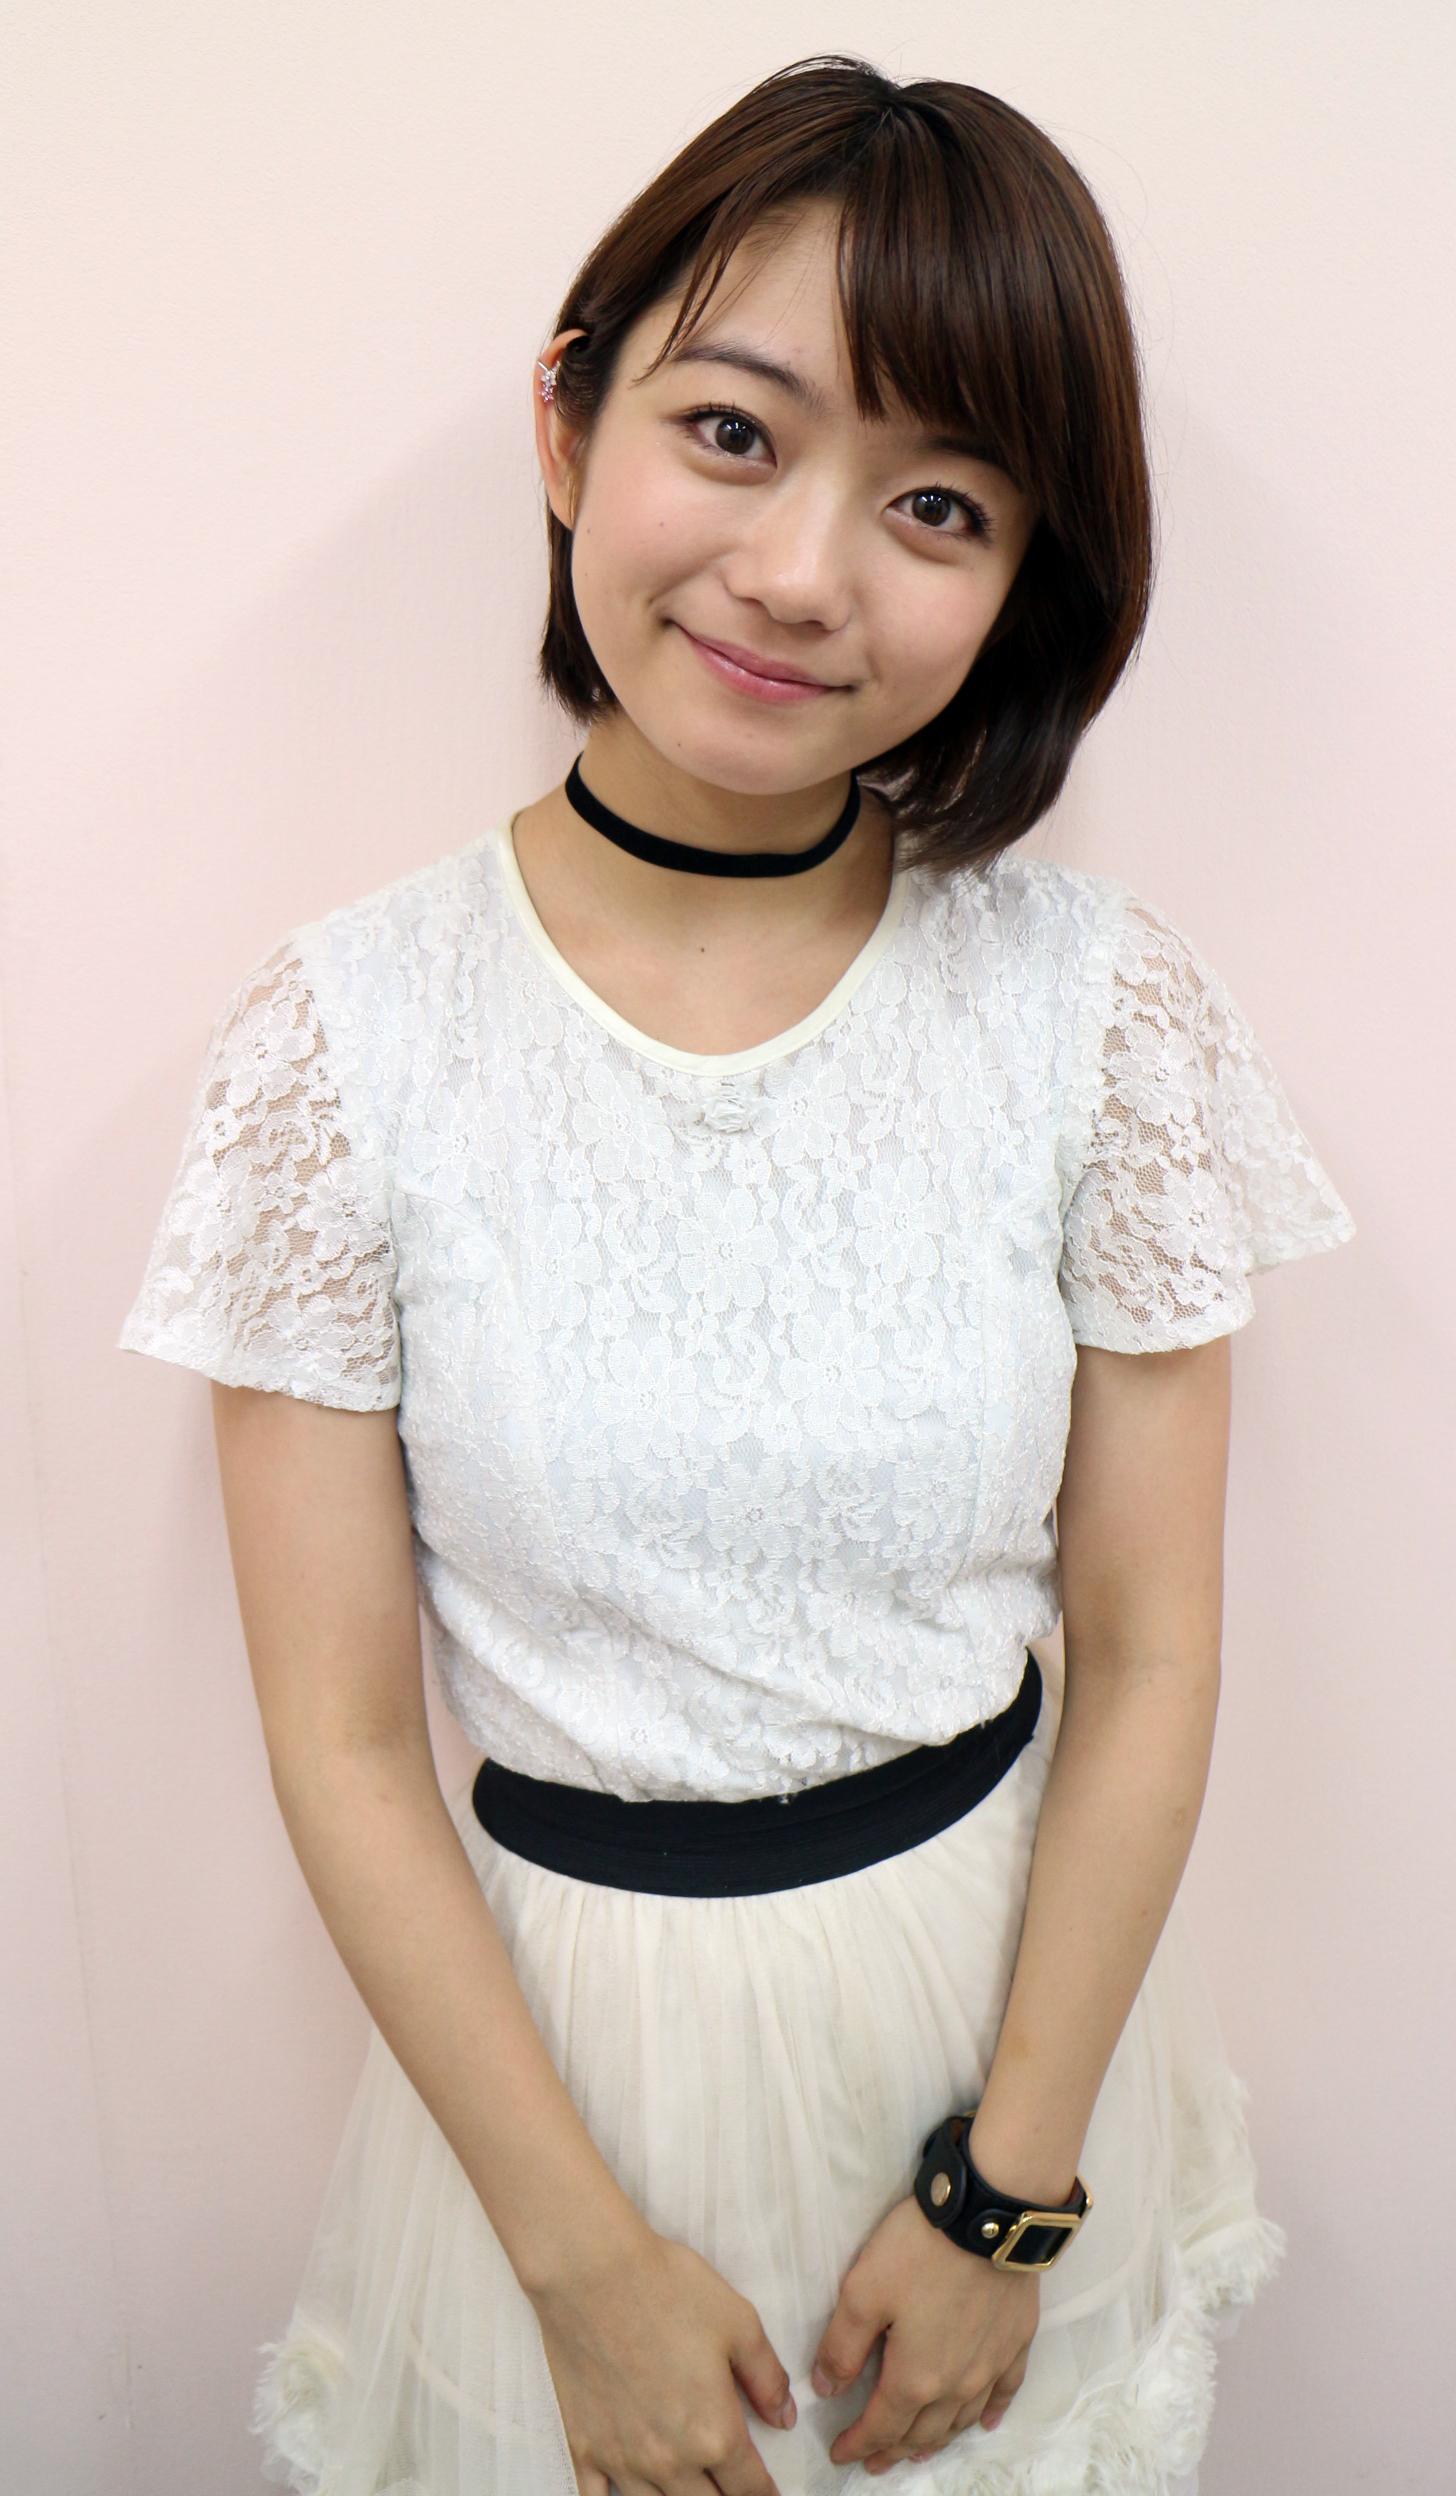 【画像アリ】元・アイドリングの森田涼花の腹筋がネットで話題に!のサムネイル画像